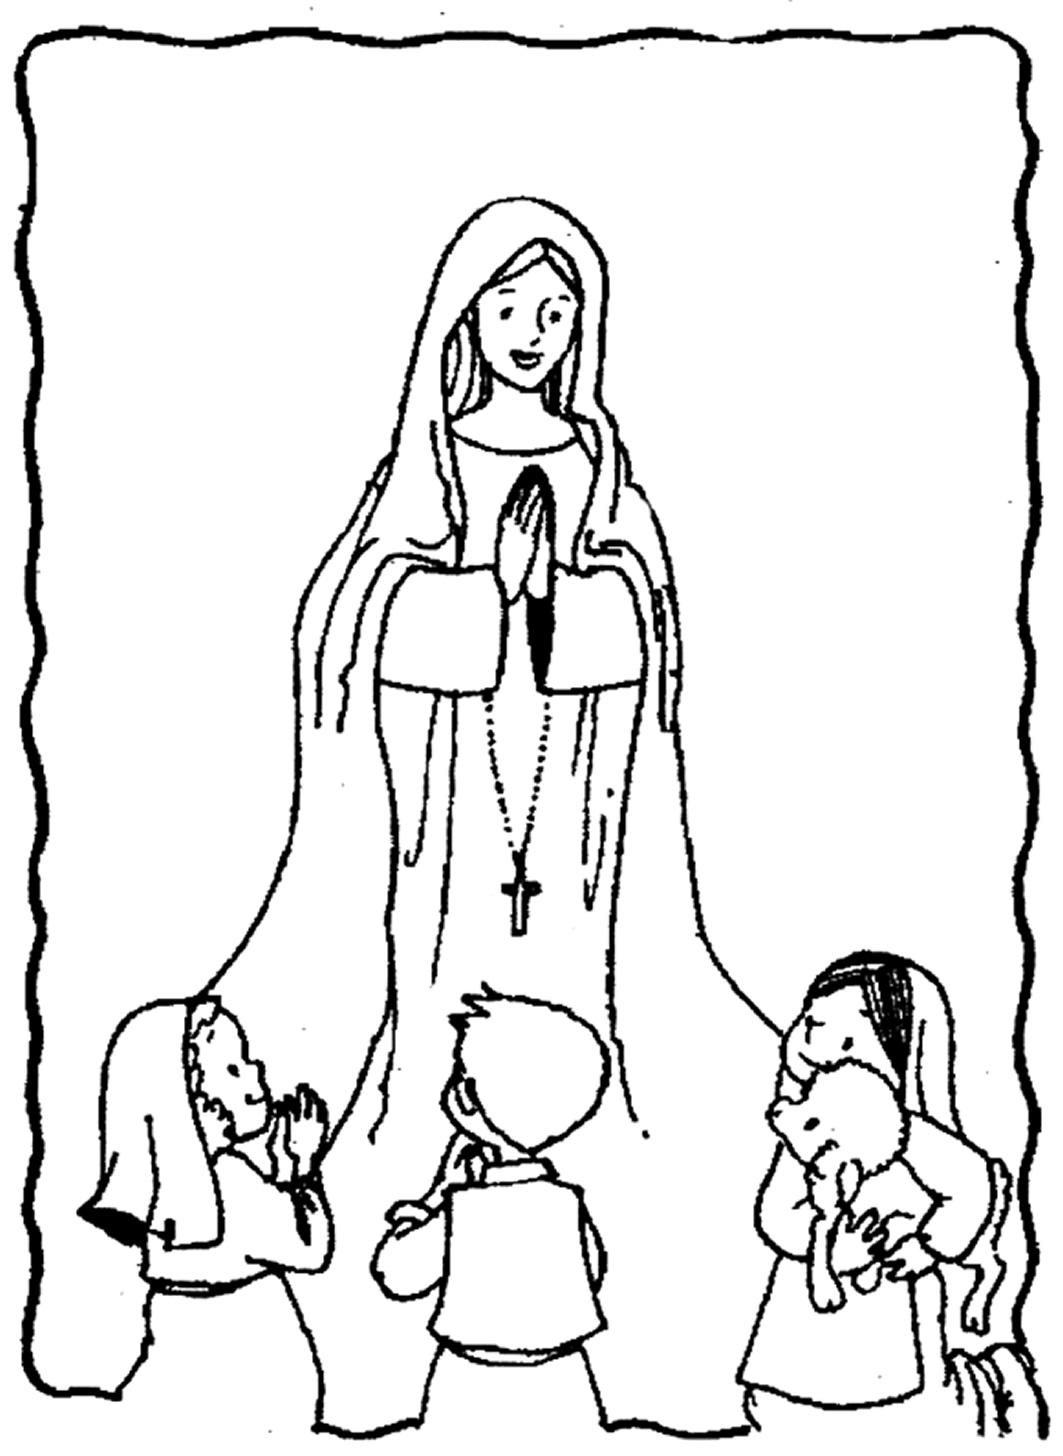 Día de Nuestra Señora de Lourdes para pintar | Colorear imágenes